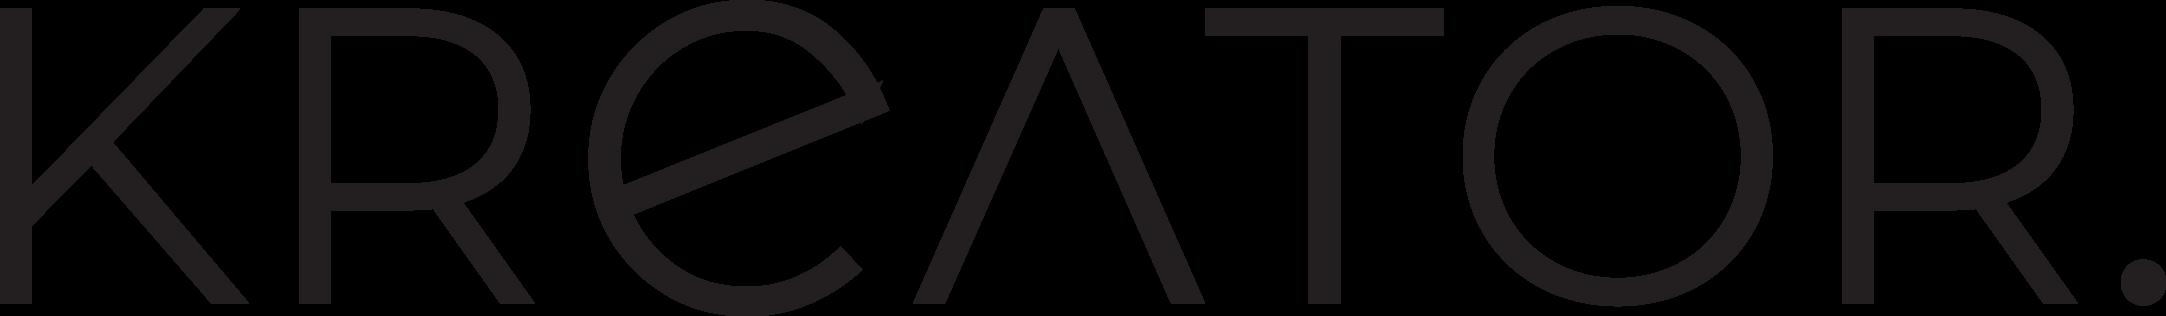 ekreator.hr logo crni